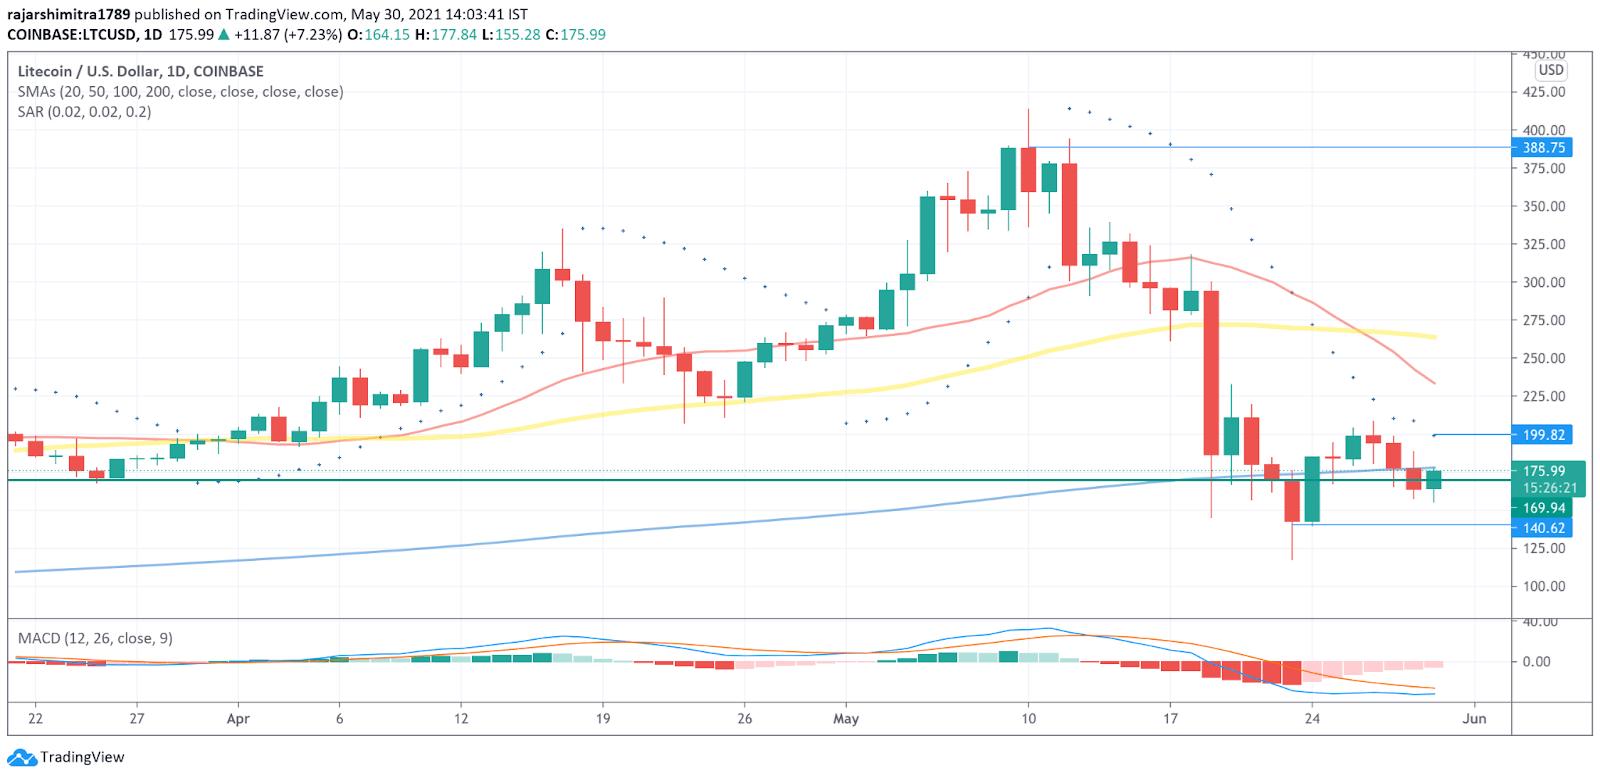 LTC/USD daily chart 053121